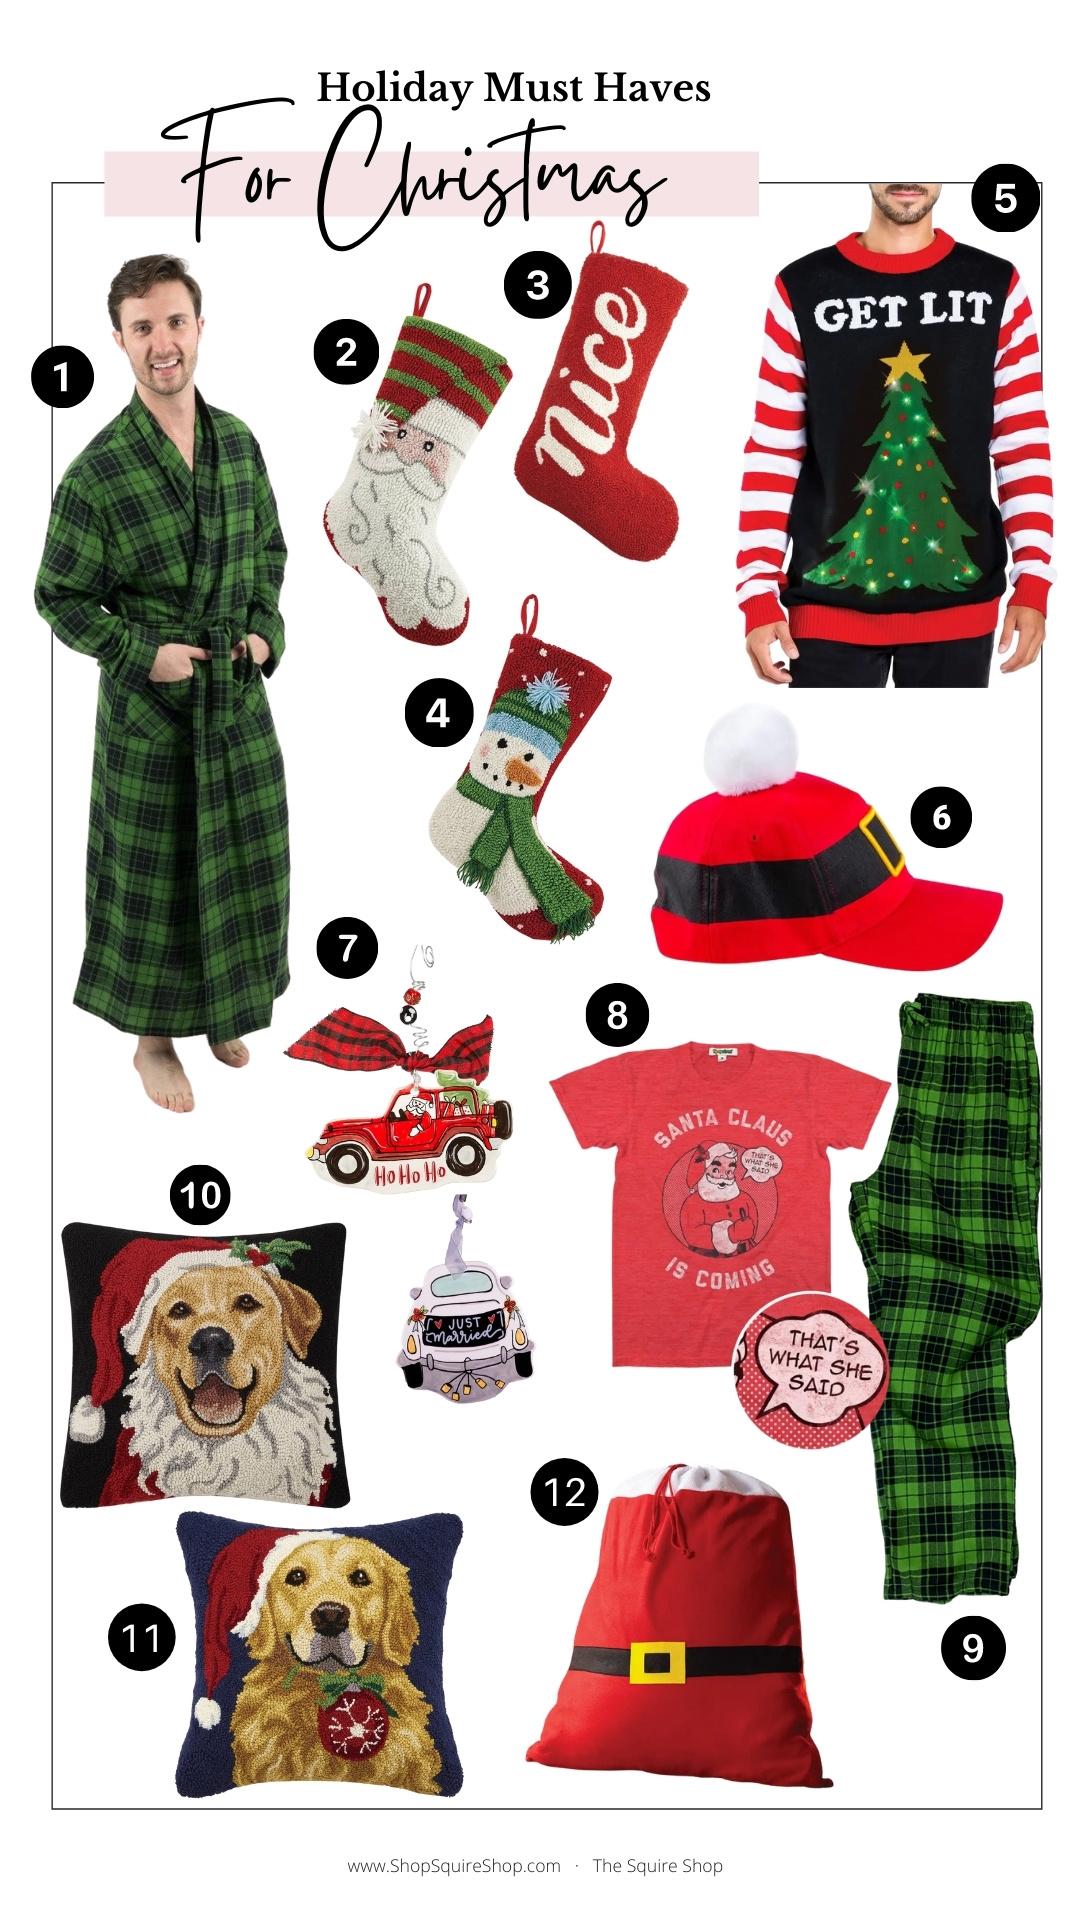 Christmas Decor Gift Guide